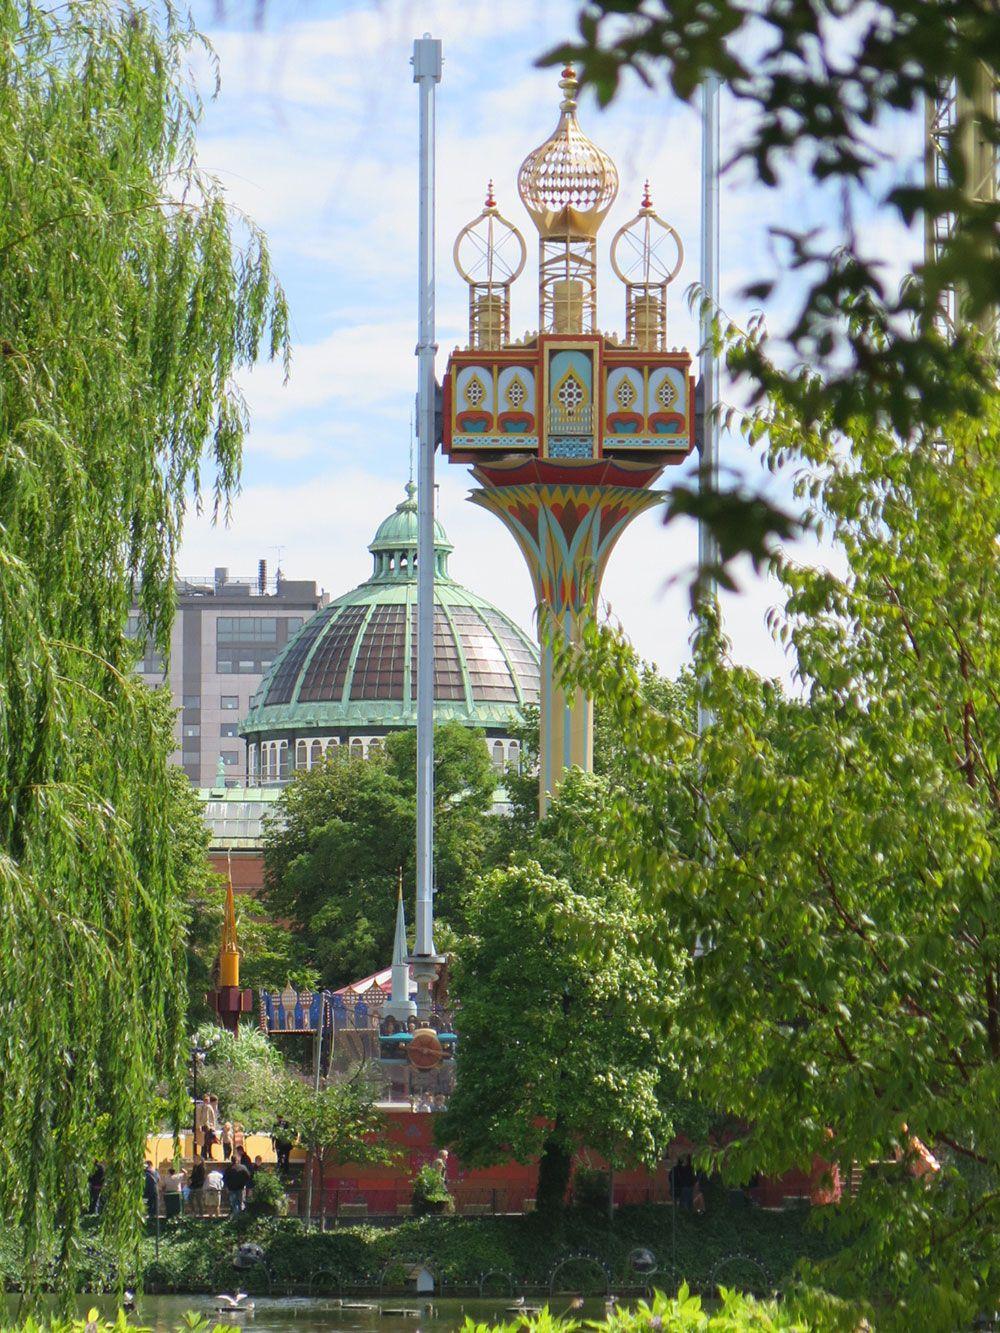 Parque de Atracciones Tivoli - Copenhague - Atracciones